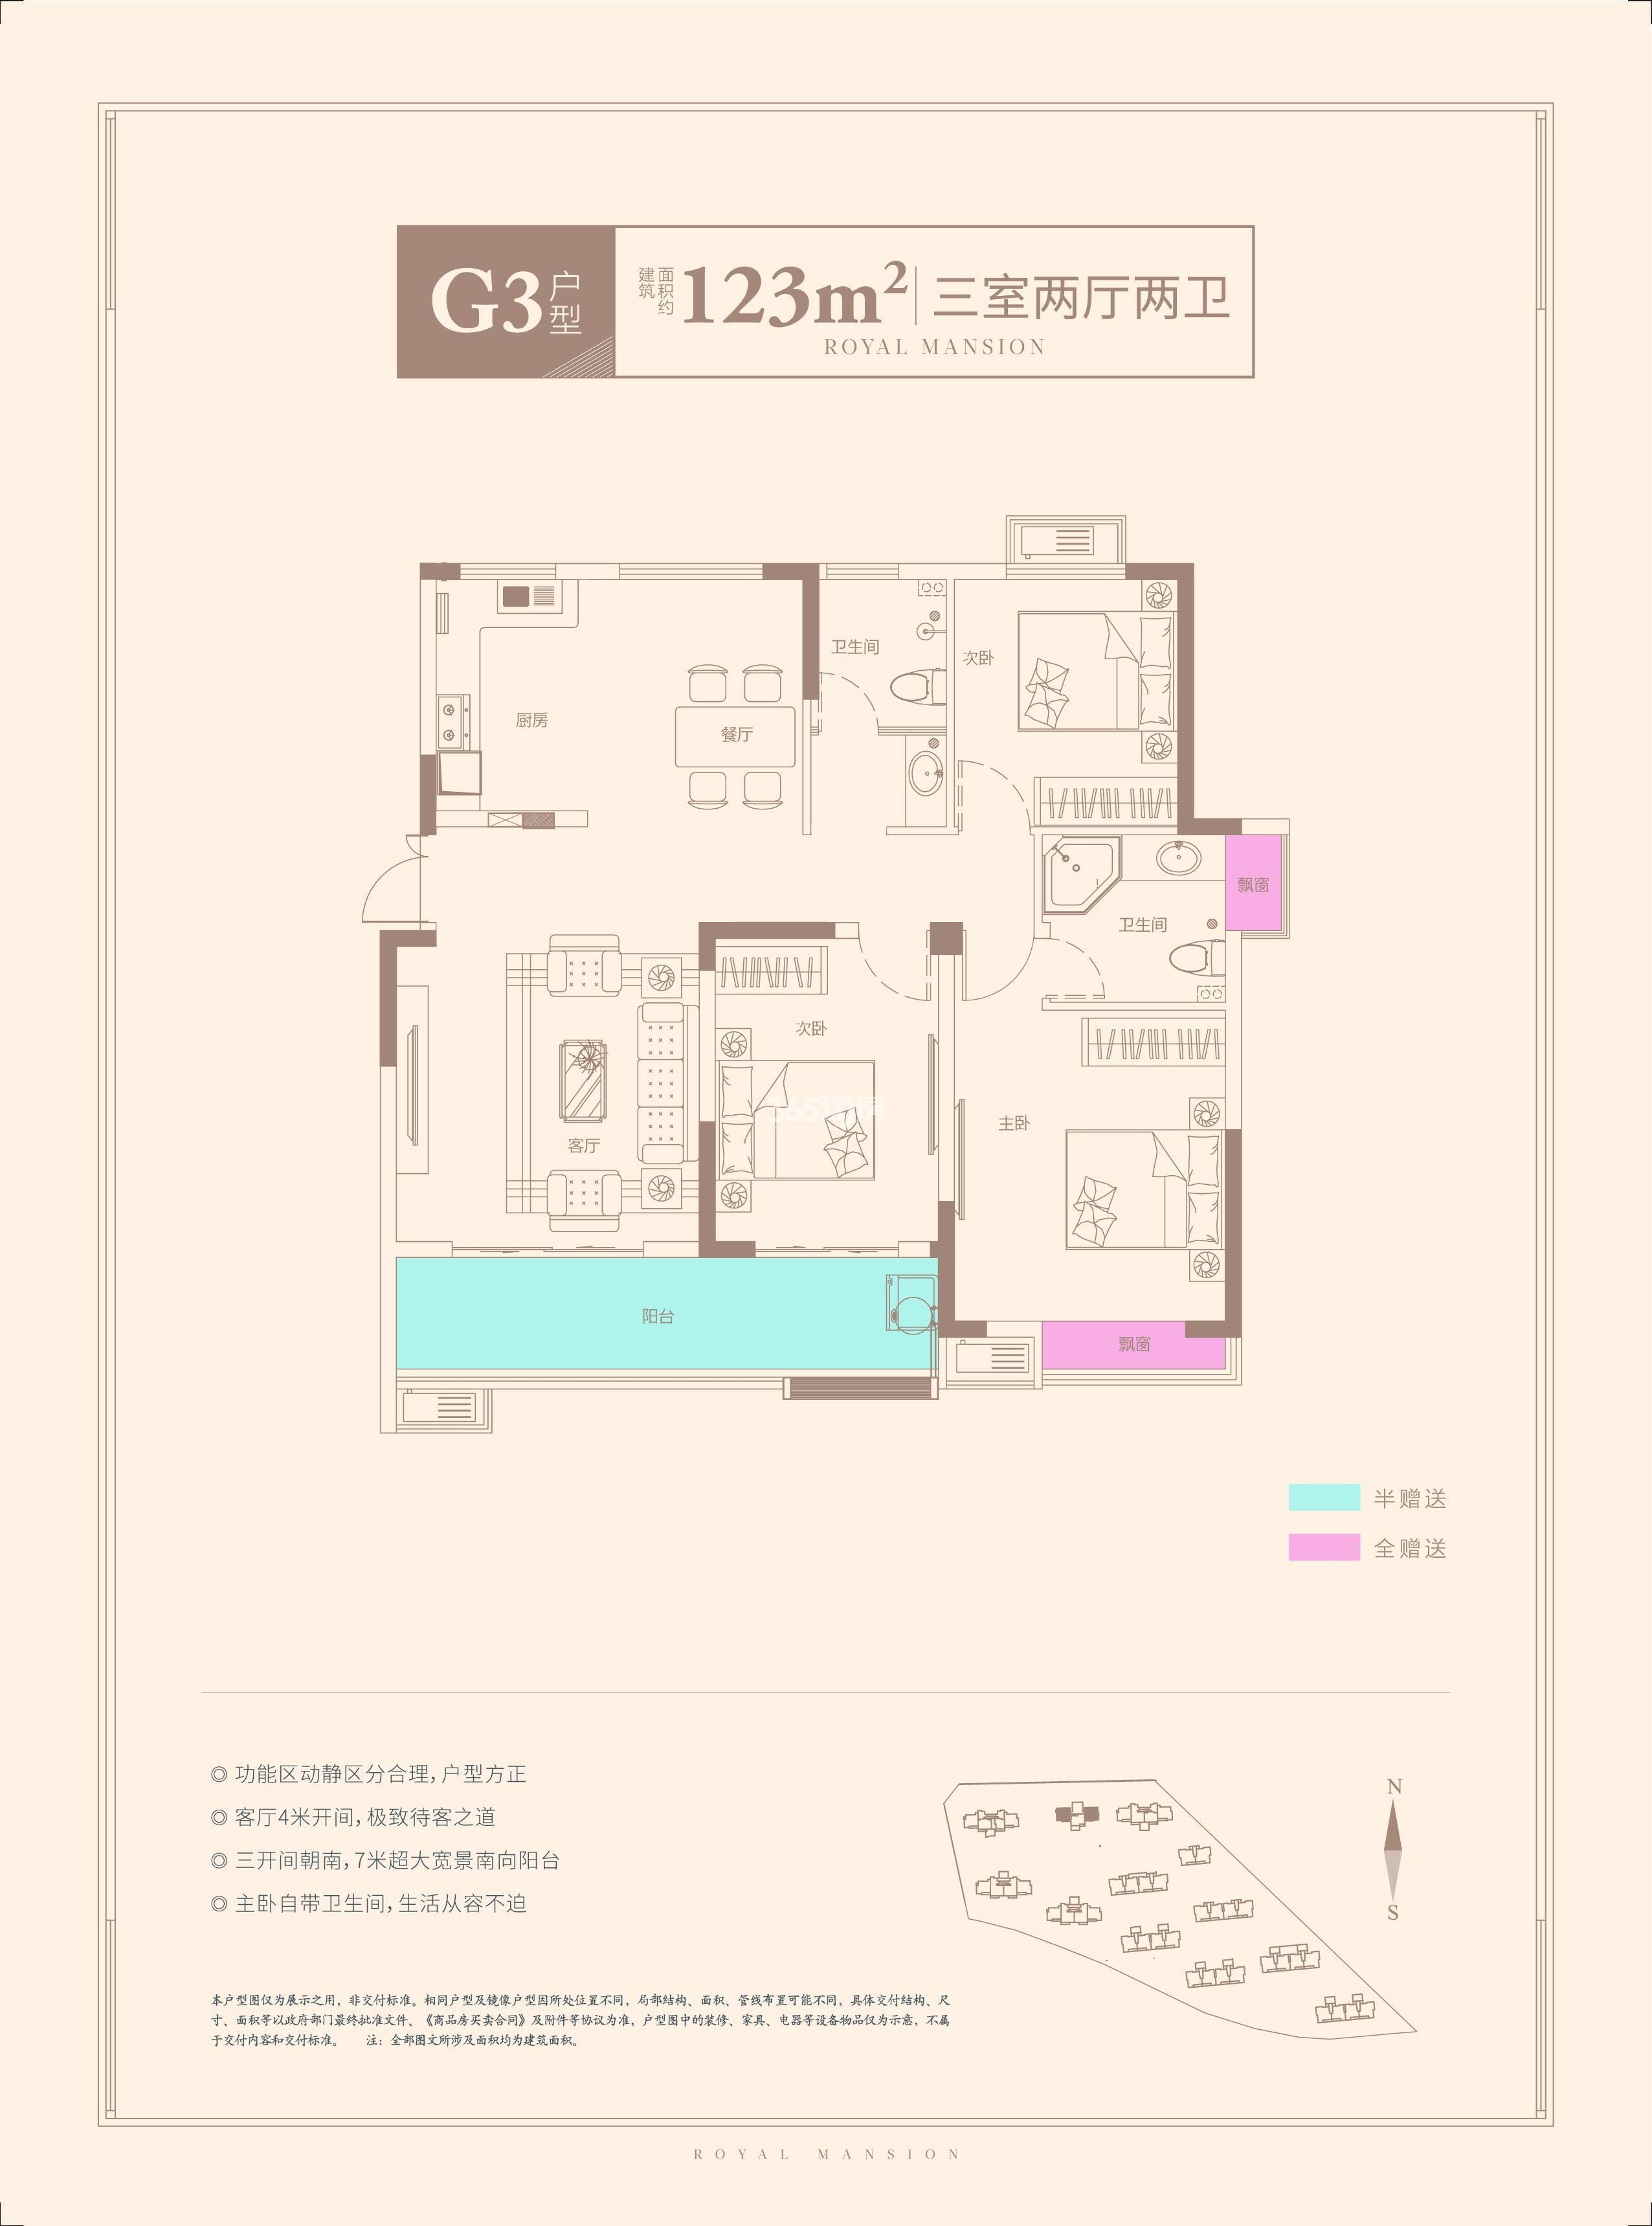 柏庄香府三期11#高层 三室两厅两卫 123㎡